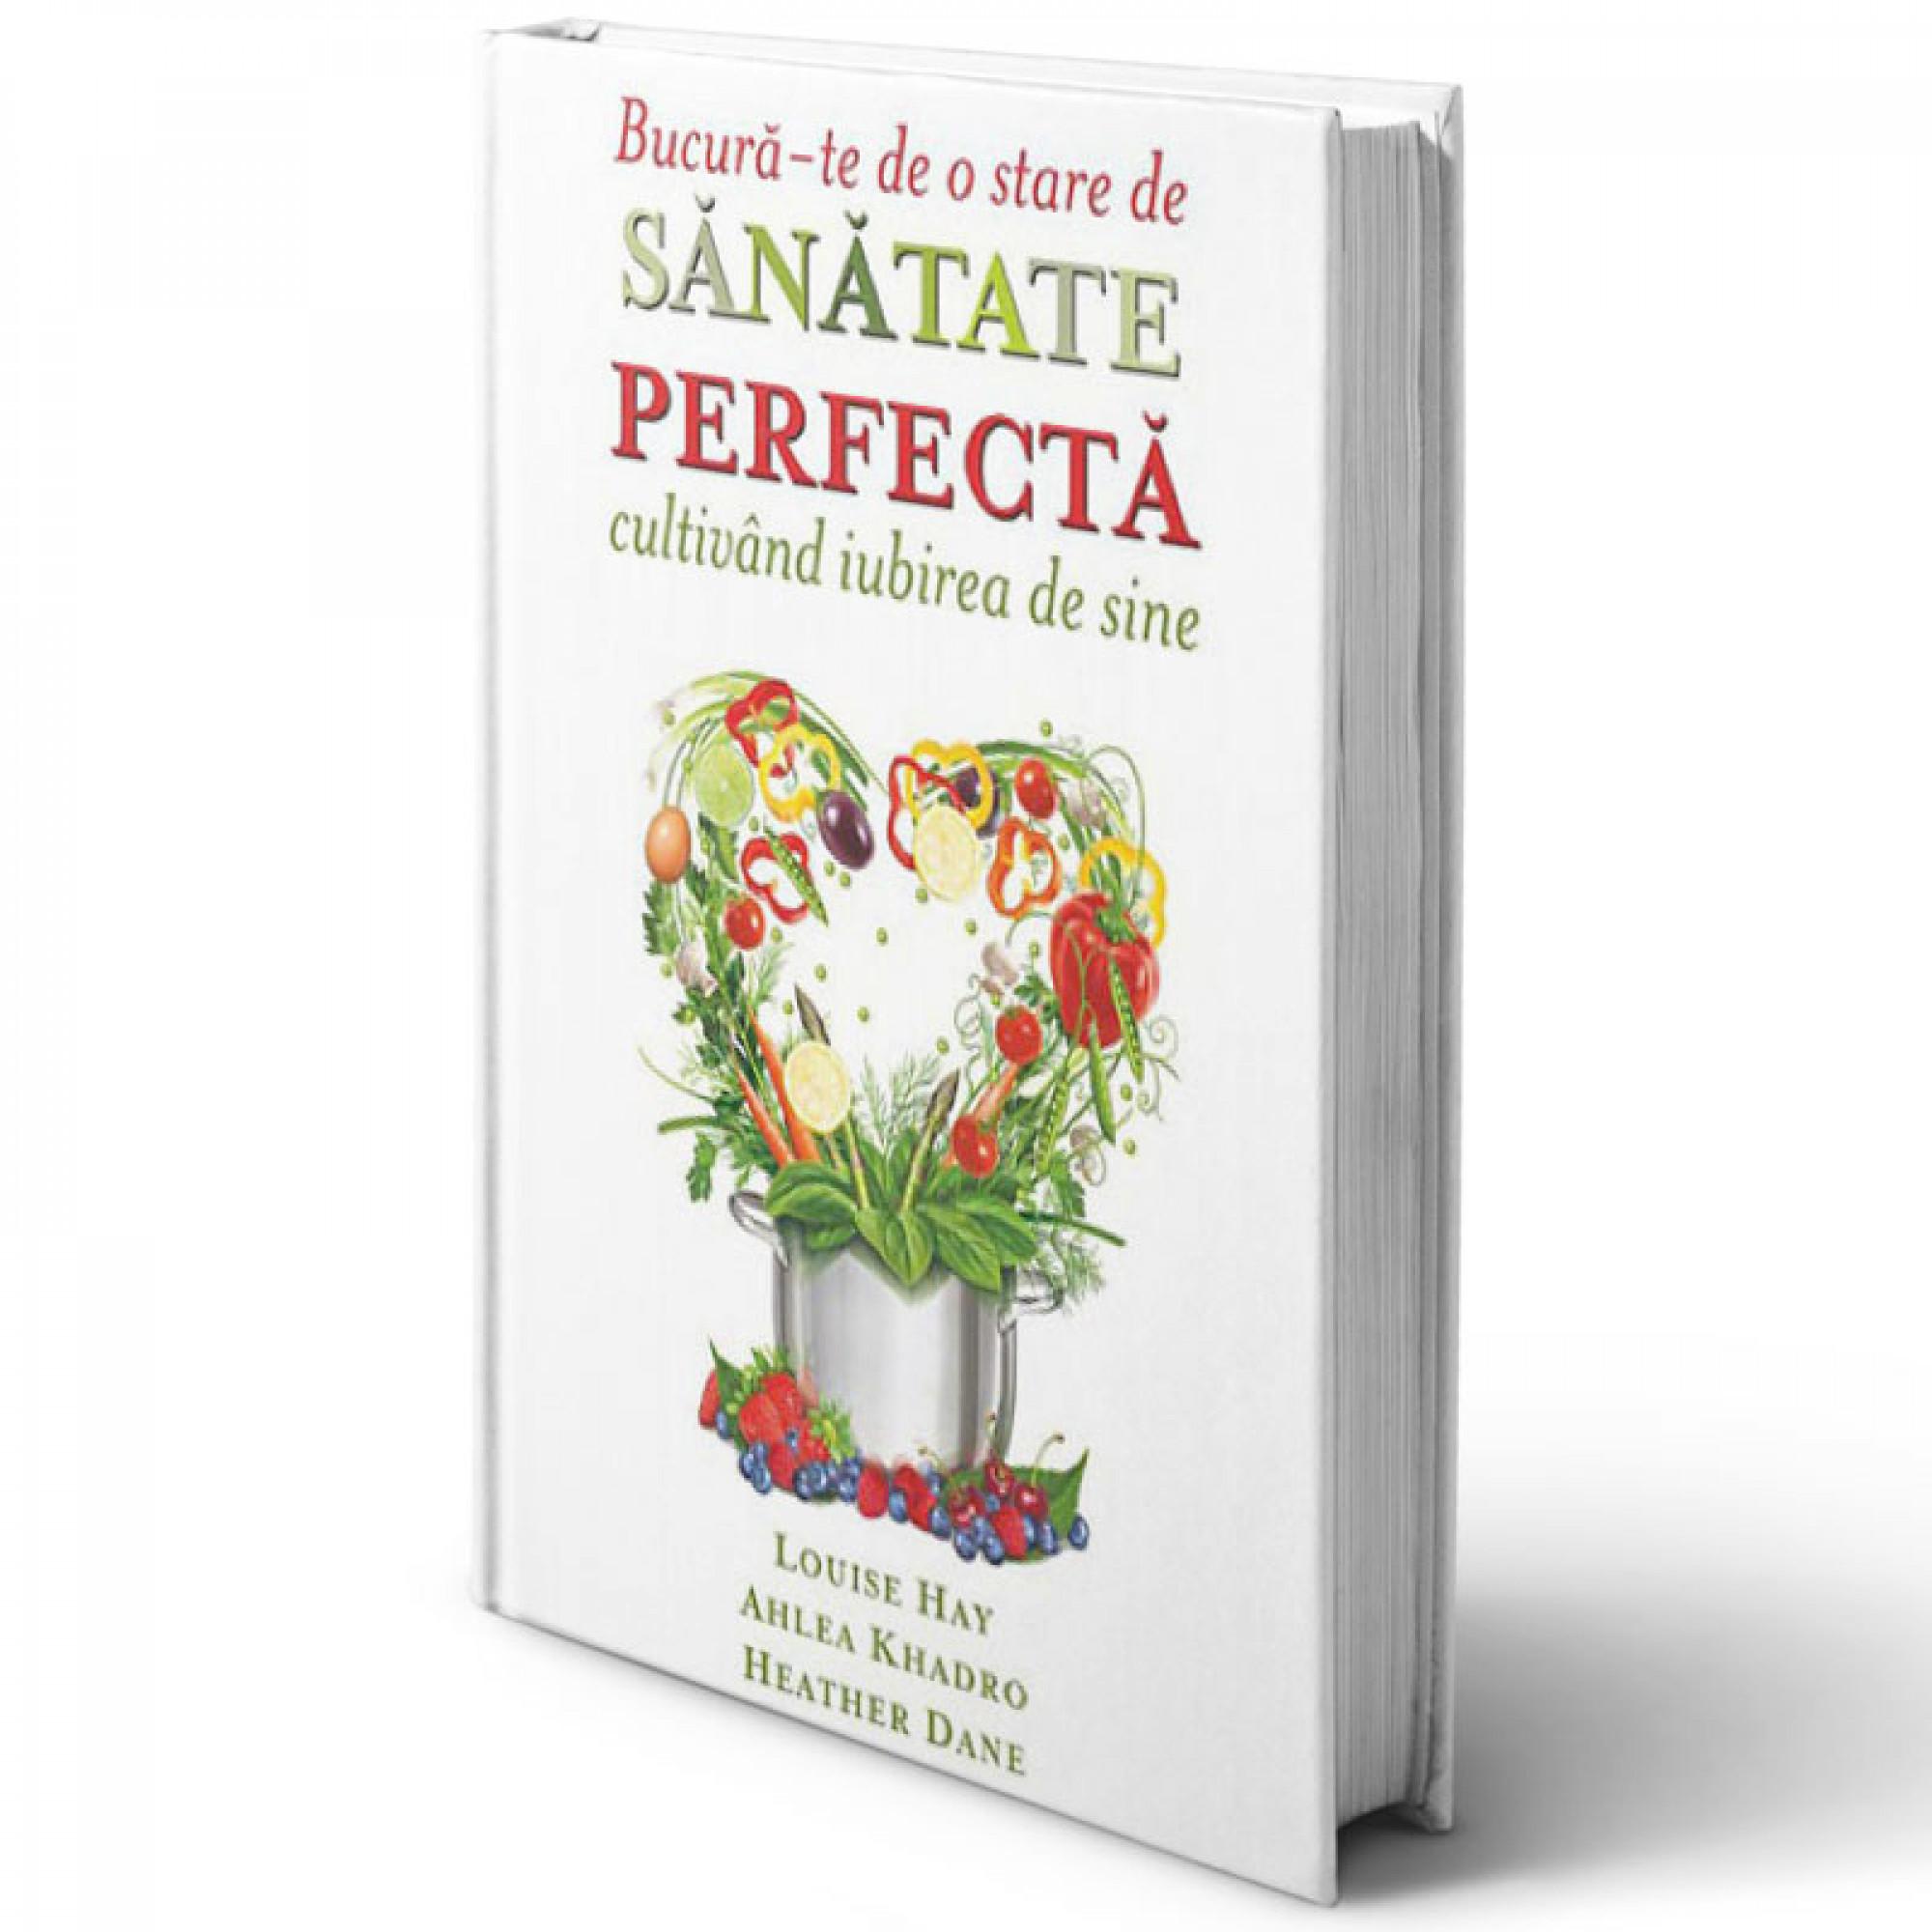 Bucură-te de o stare de sănătate perfectă cultivând iubirea de sine, gândurile şi alimentele – Dieta Supremă